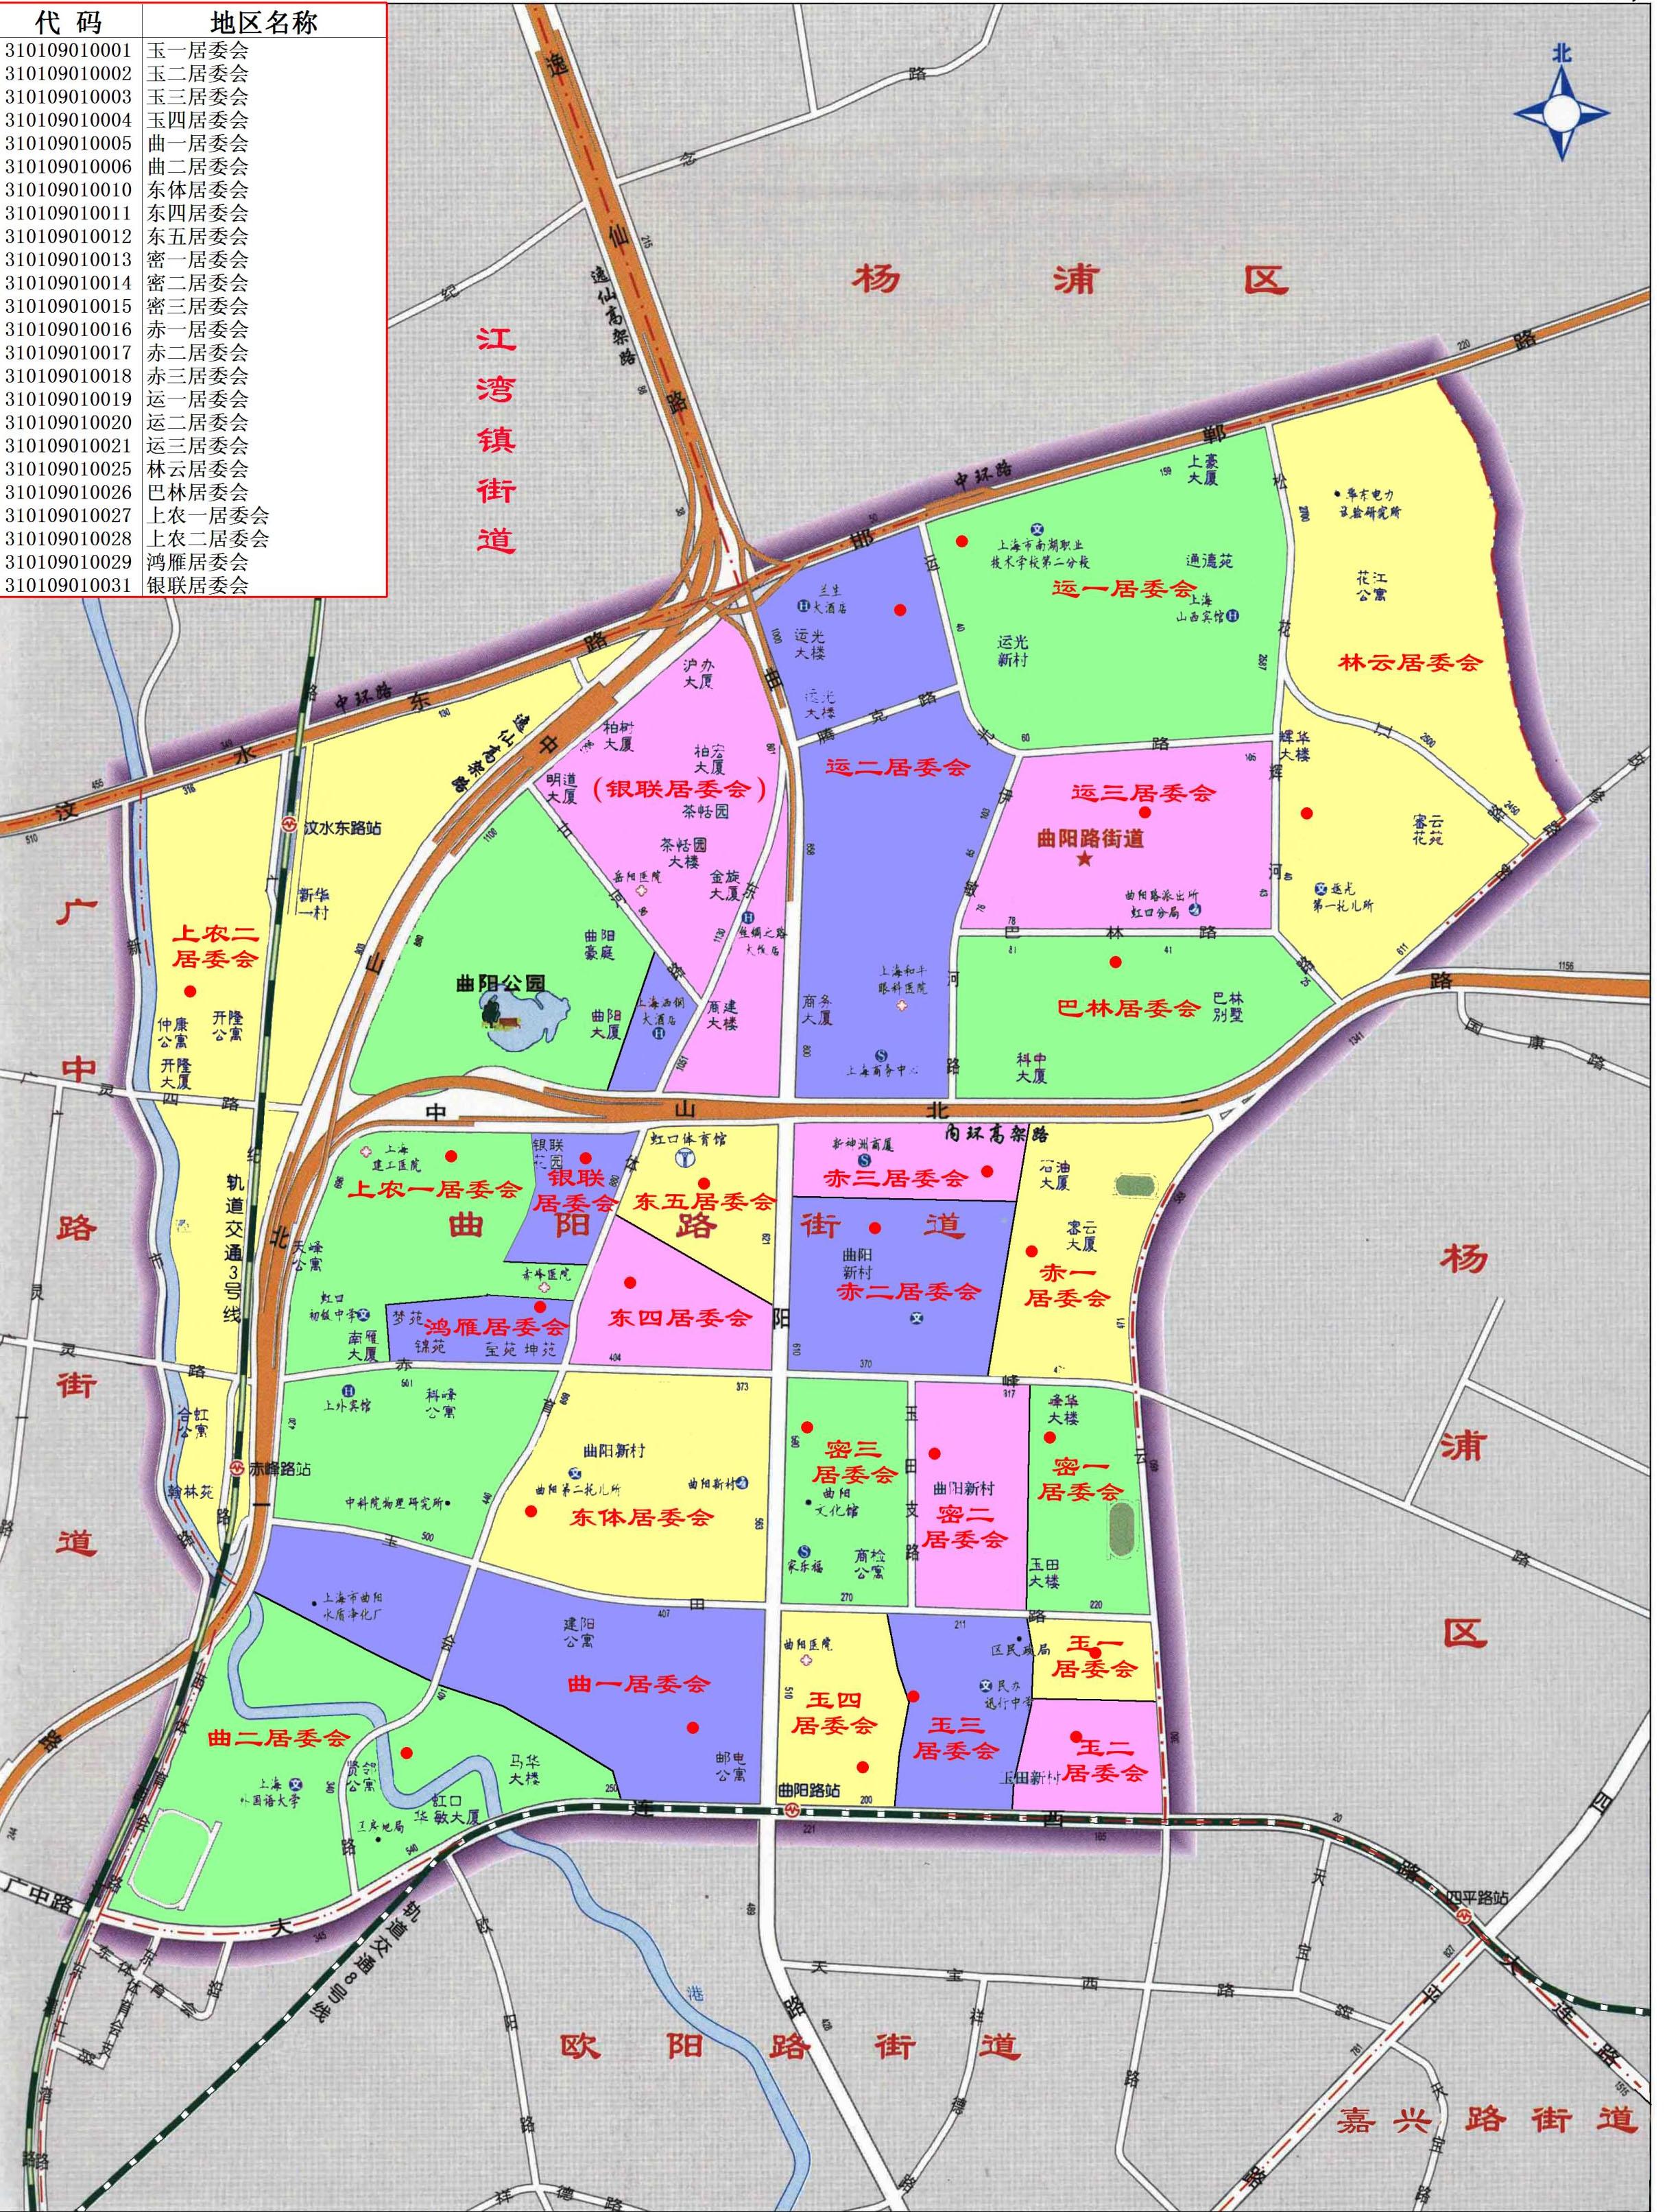 虹口区曲阳路街道地图图片